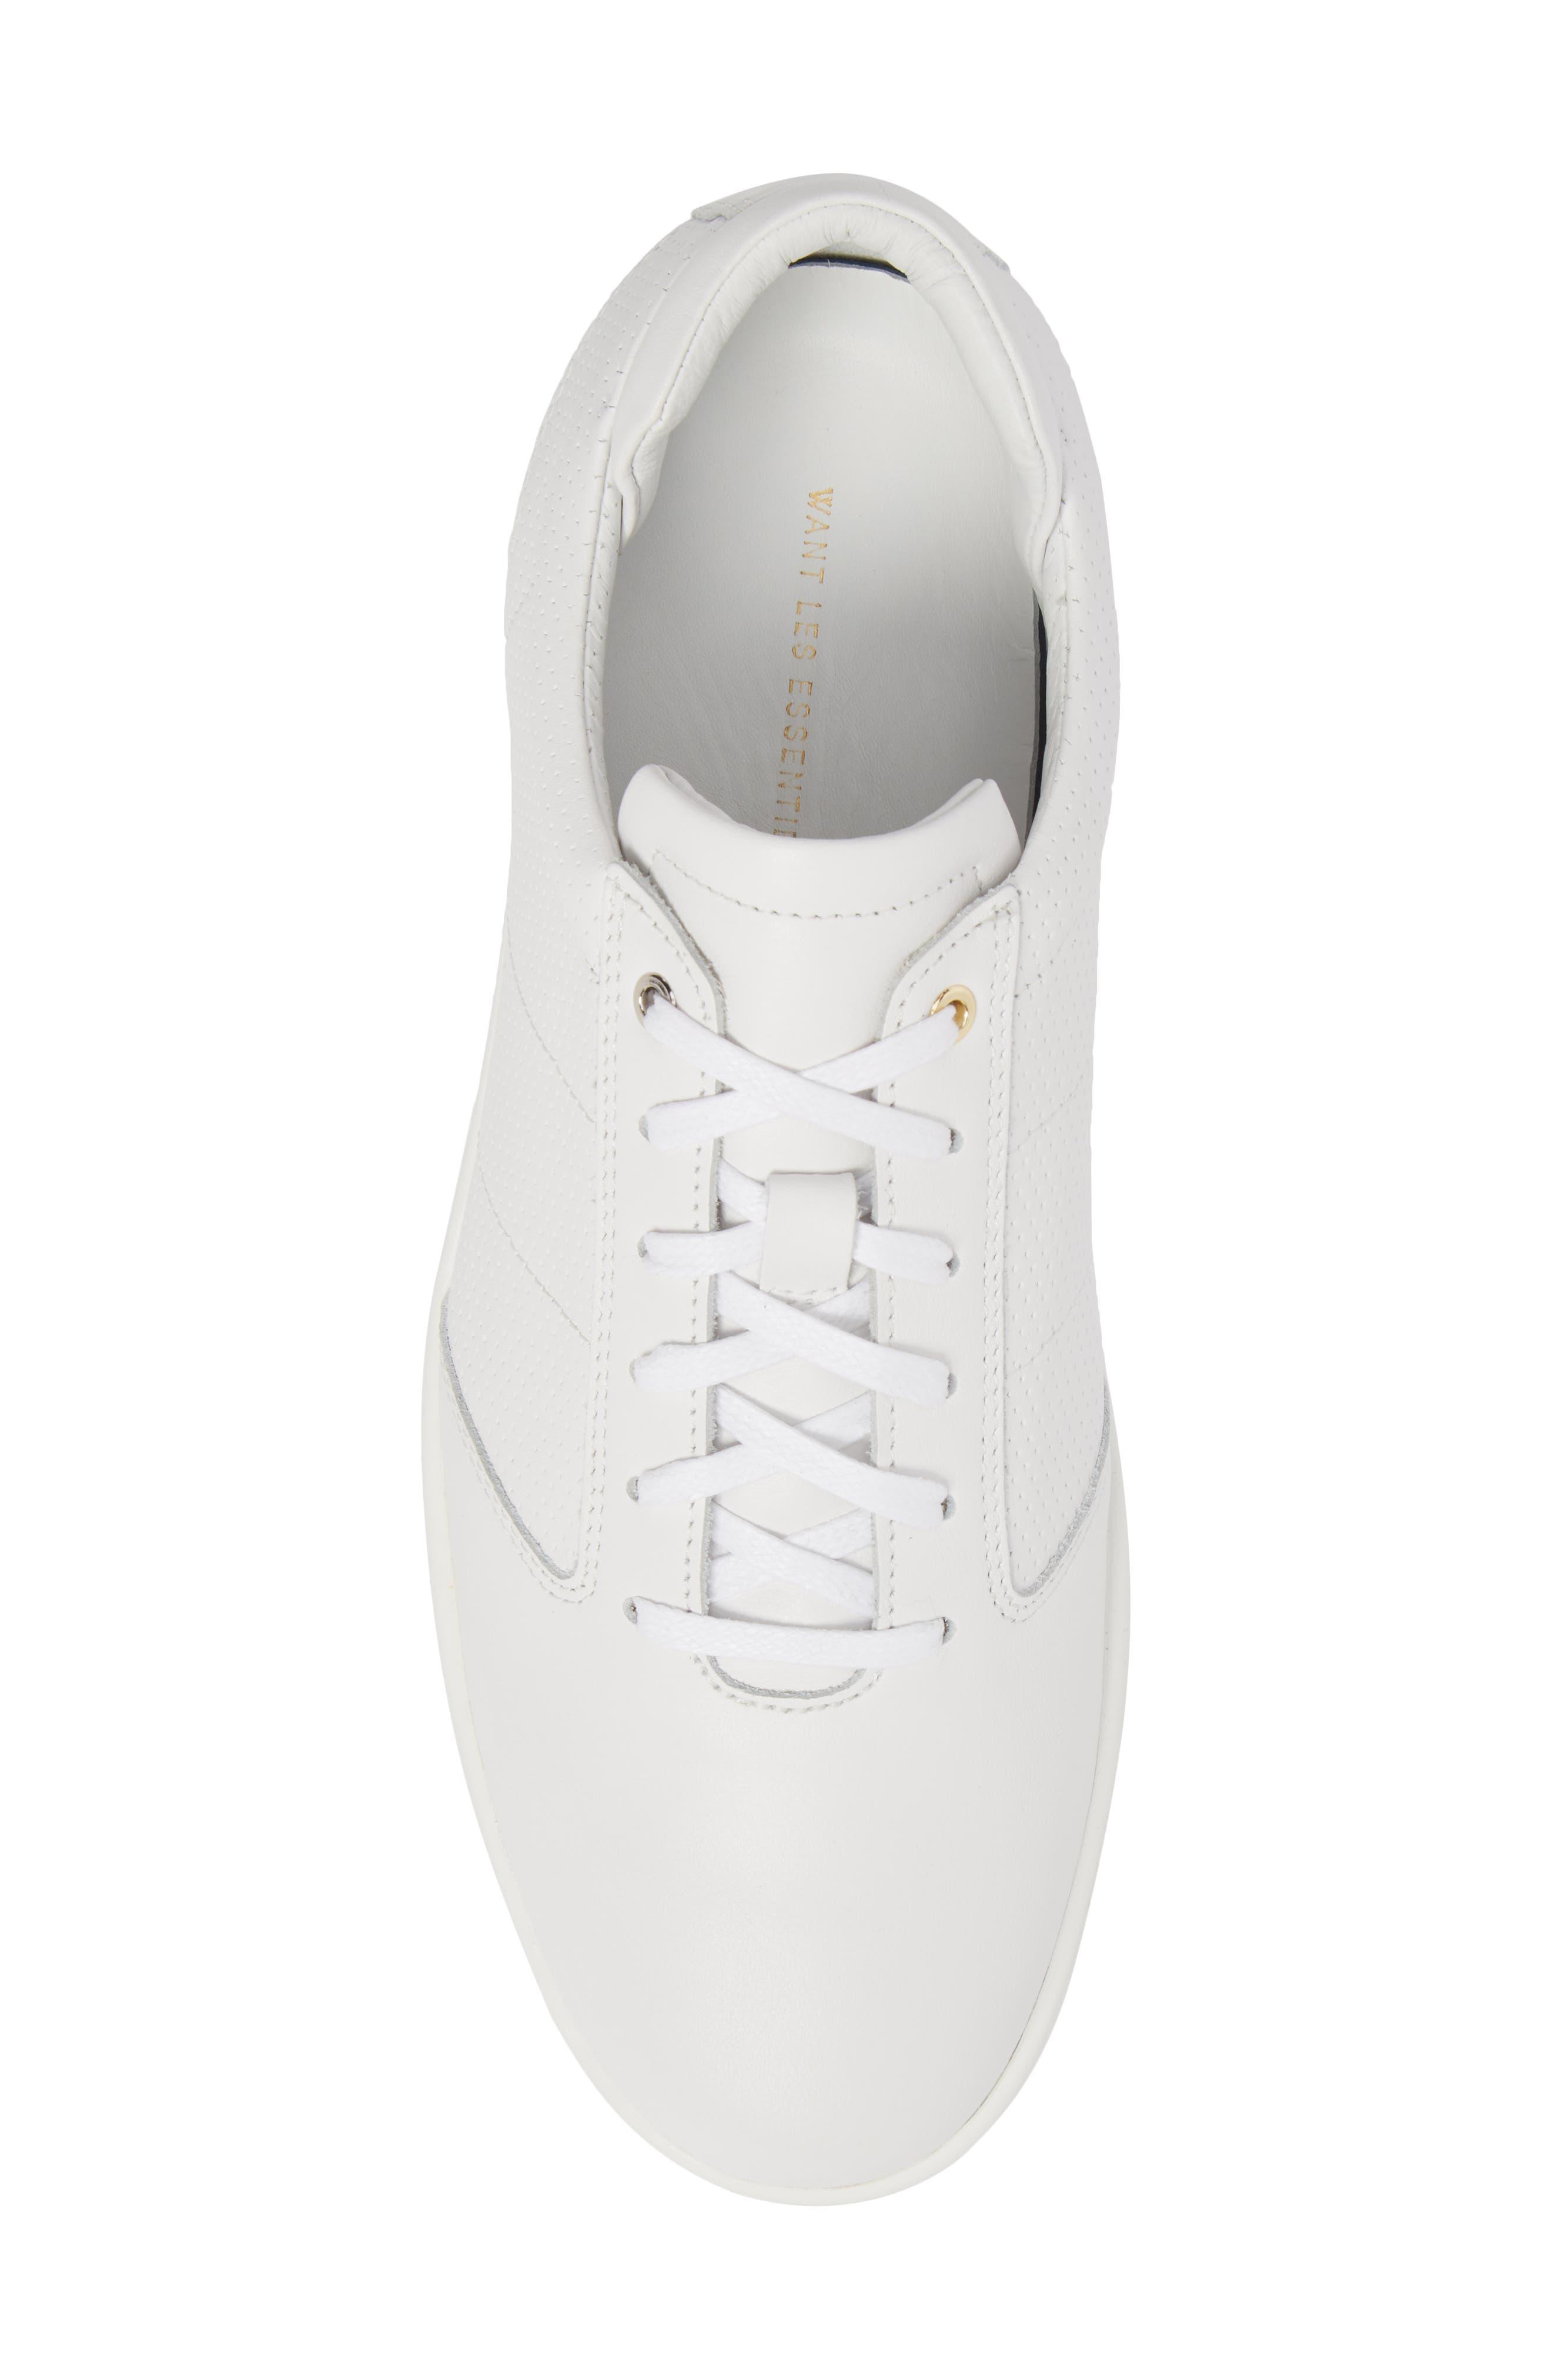 Lennon Sneaker,                             Alternate thumbnail 5, color,                             Multi Perforated White